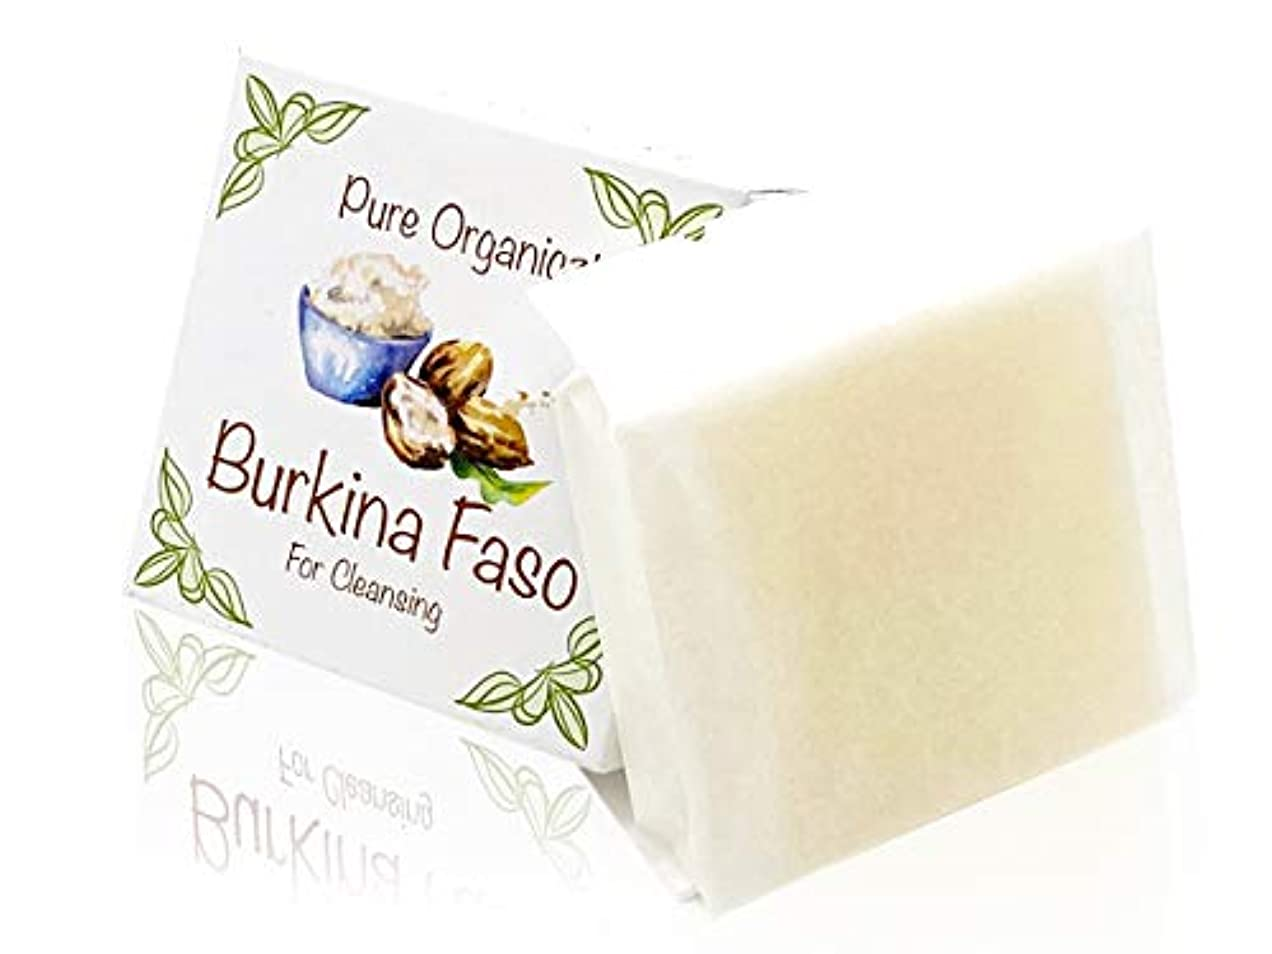 それにもかかわらず肌寒い広げるシアバター 洗顔用石鹸 Burkina Faso Pure Organiczt 『無添加?毛穴?美白?保湿』